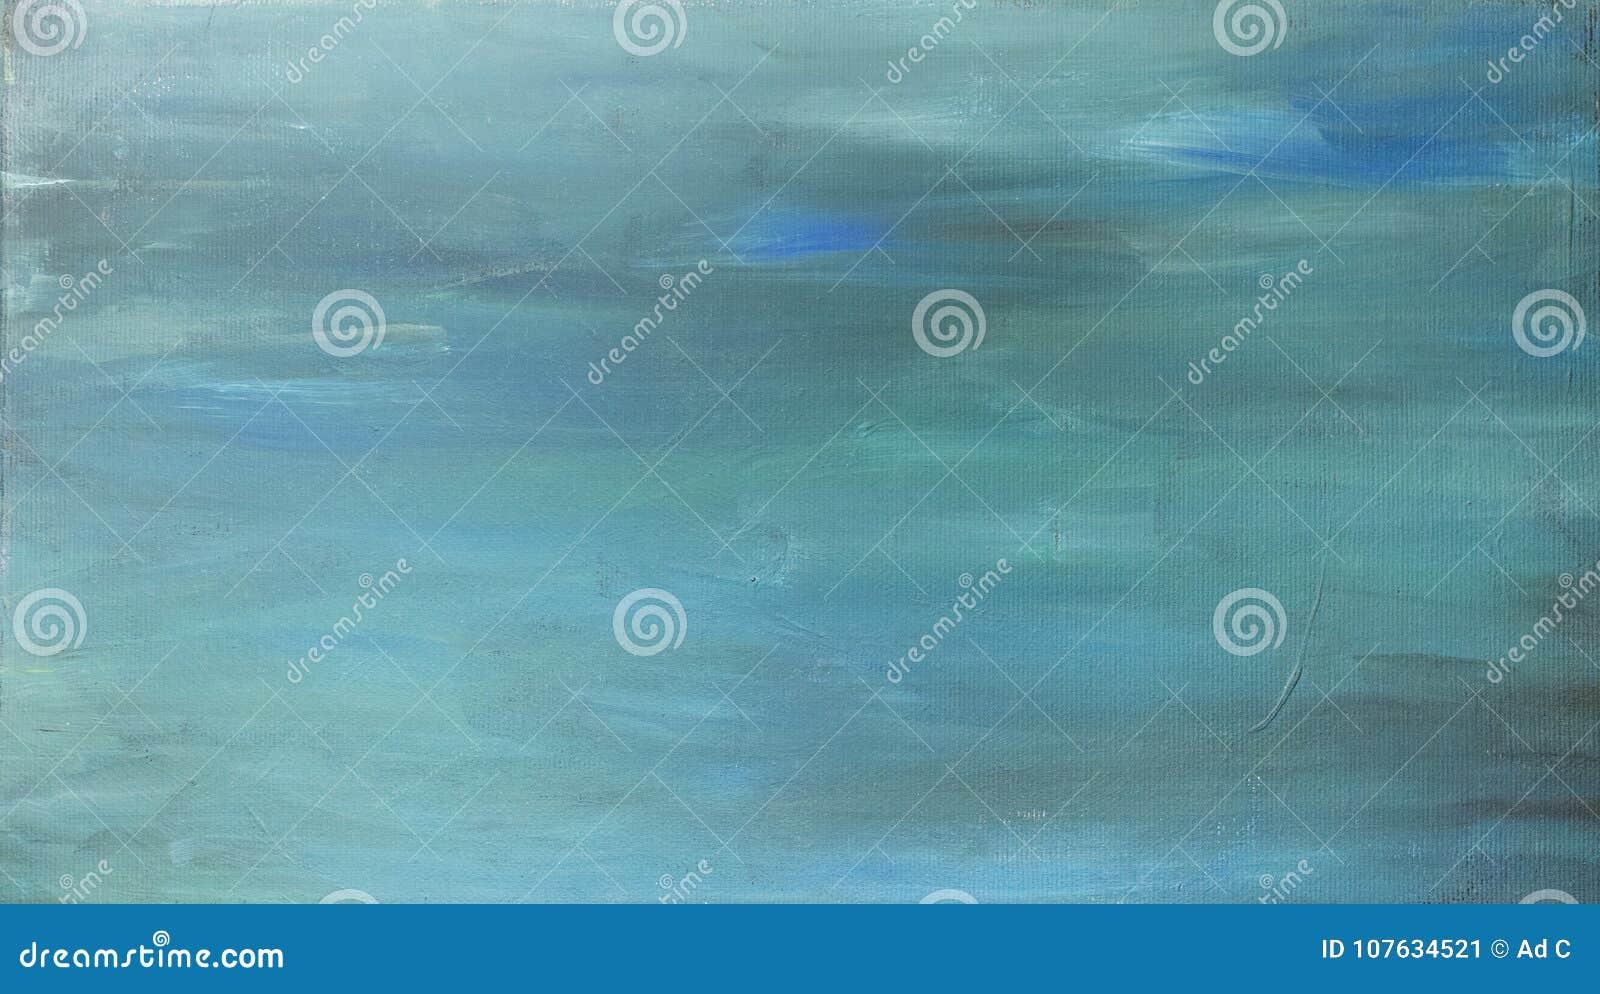 Τυρκουάζ μπλε αφηρημένο ακρυλικό χρωματισμένο χέρι υπόβαθρο